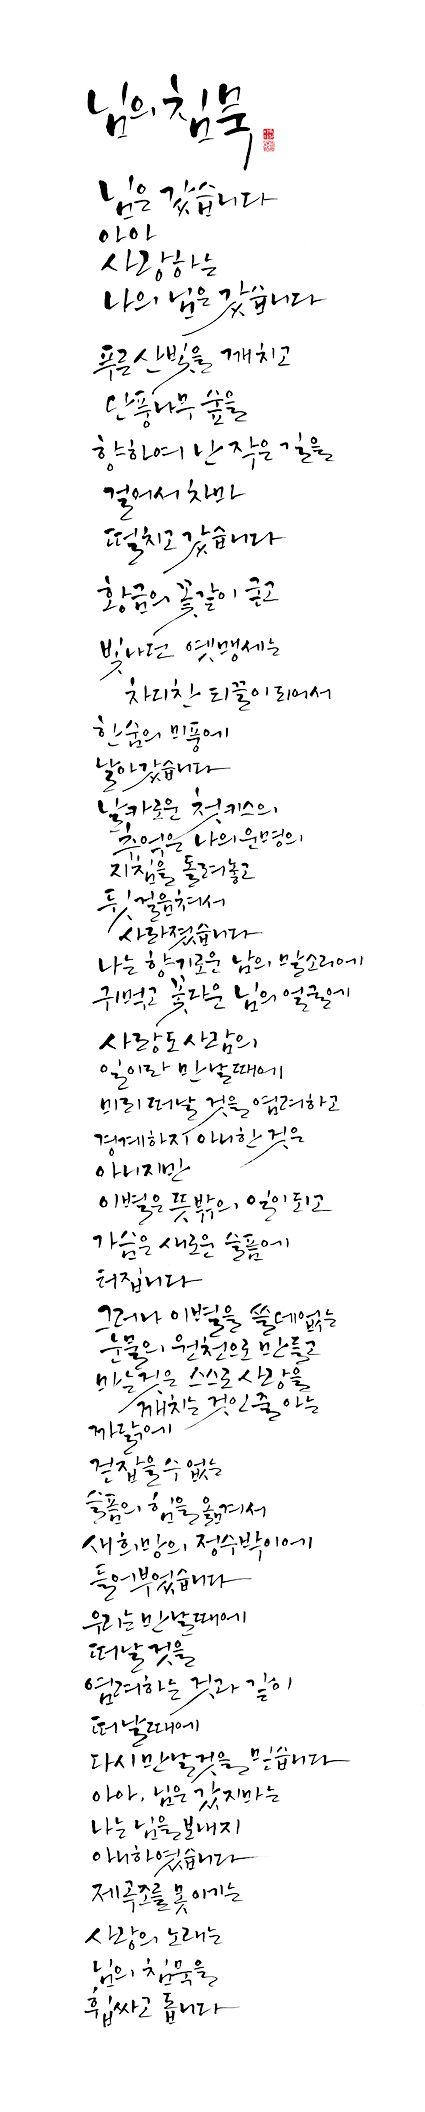 calligraphy_님의침묵_한용운